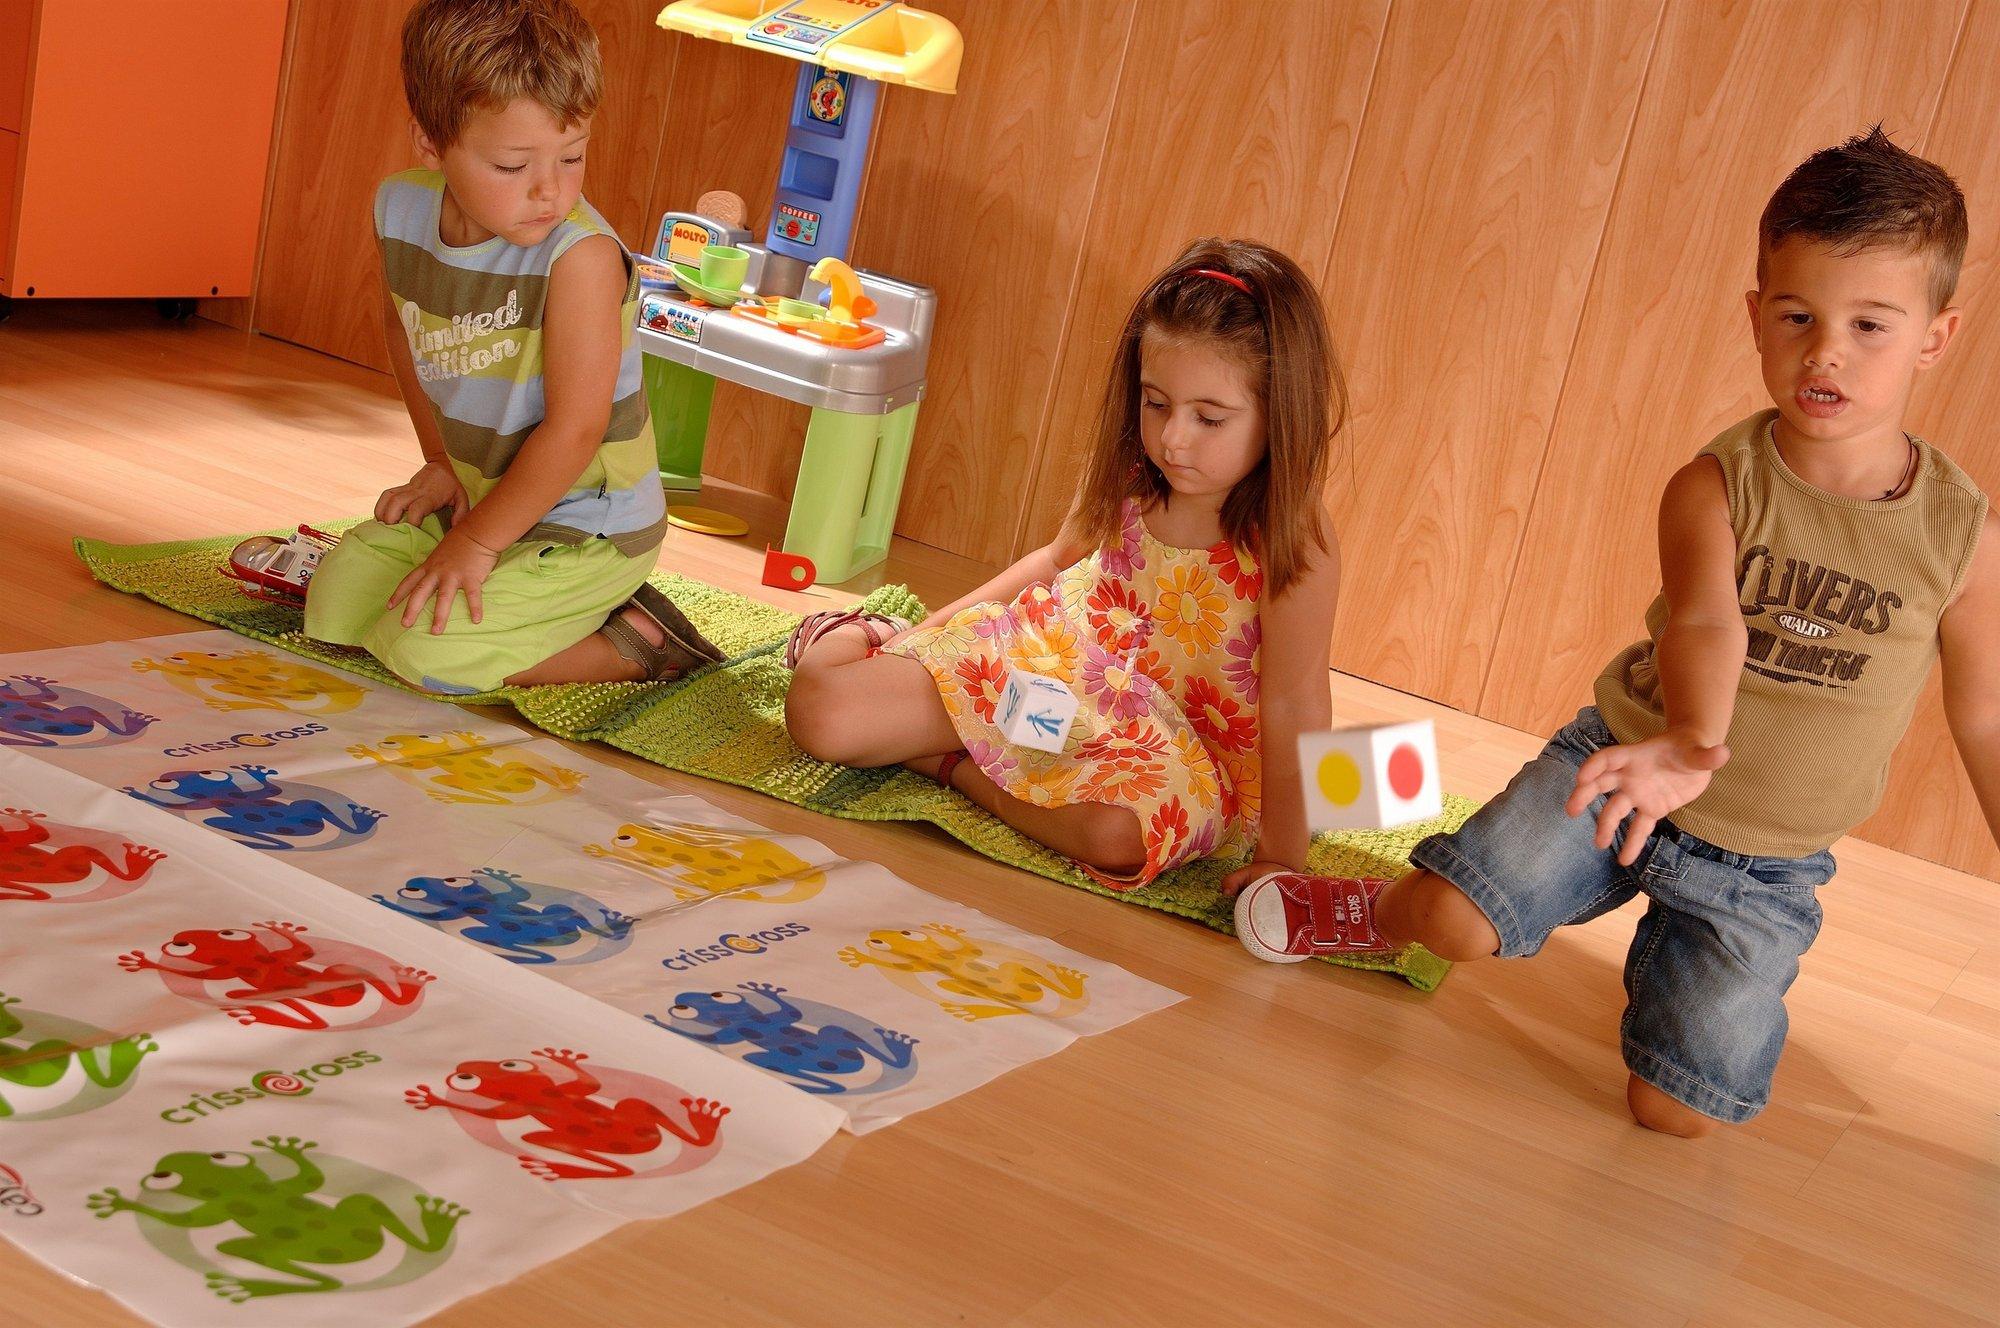 Hasta un 20% de la población infantil presenta algún trastorno de aprendizaje